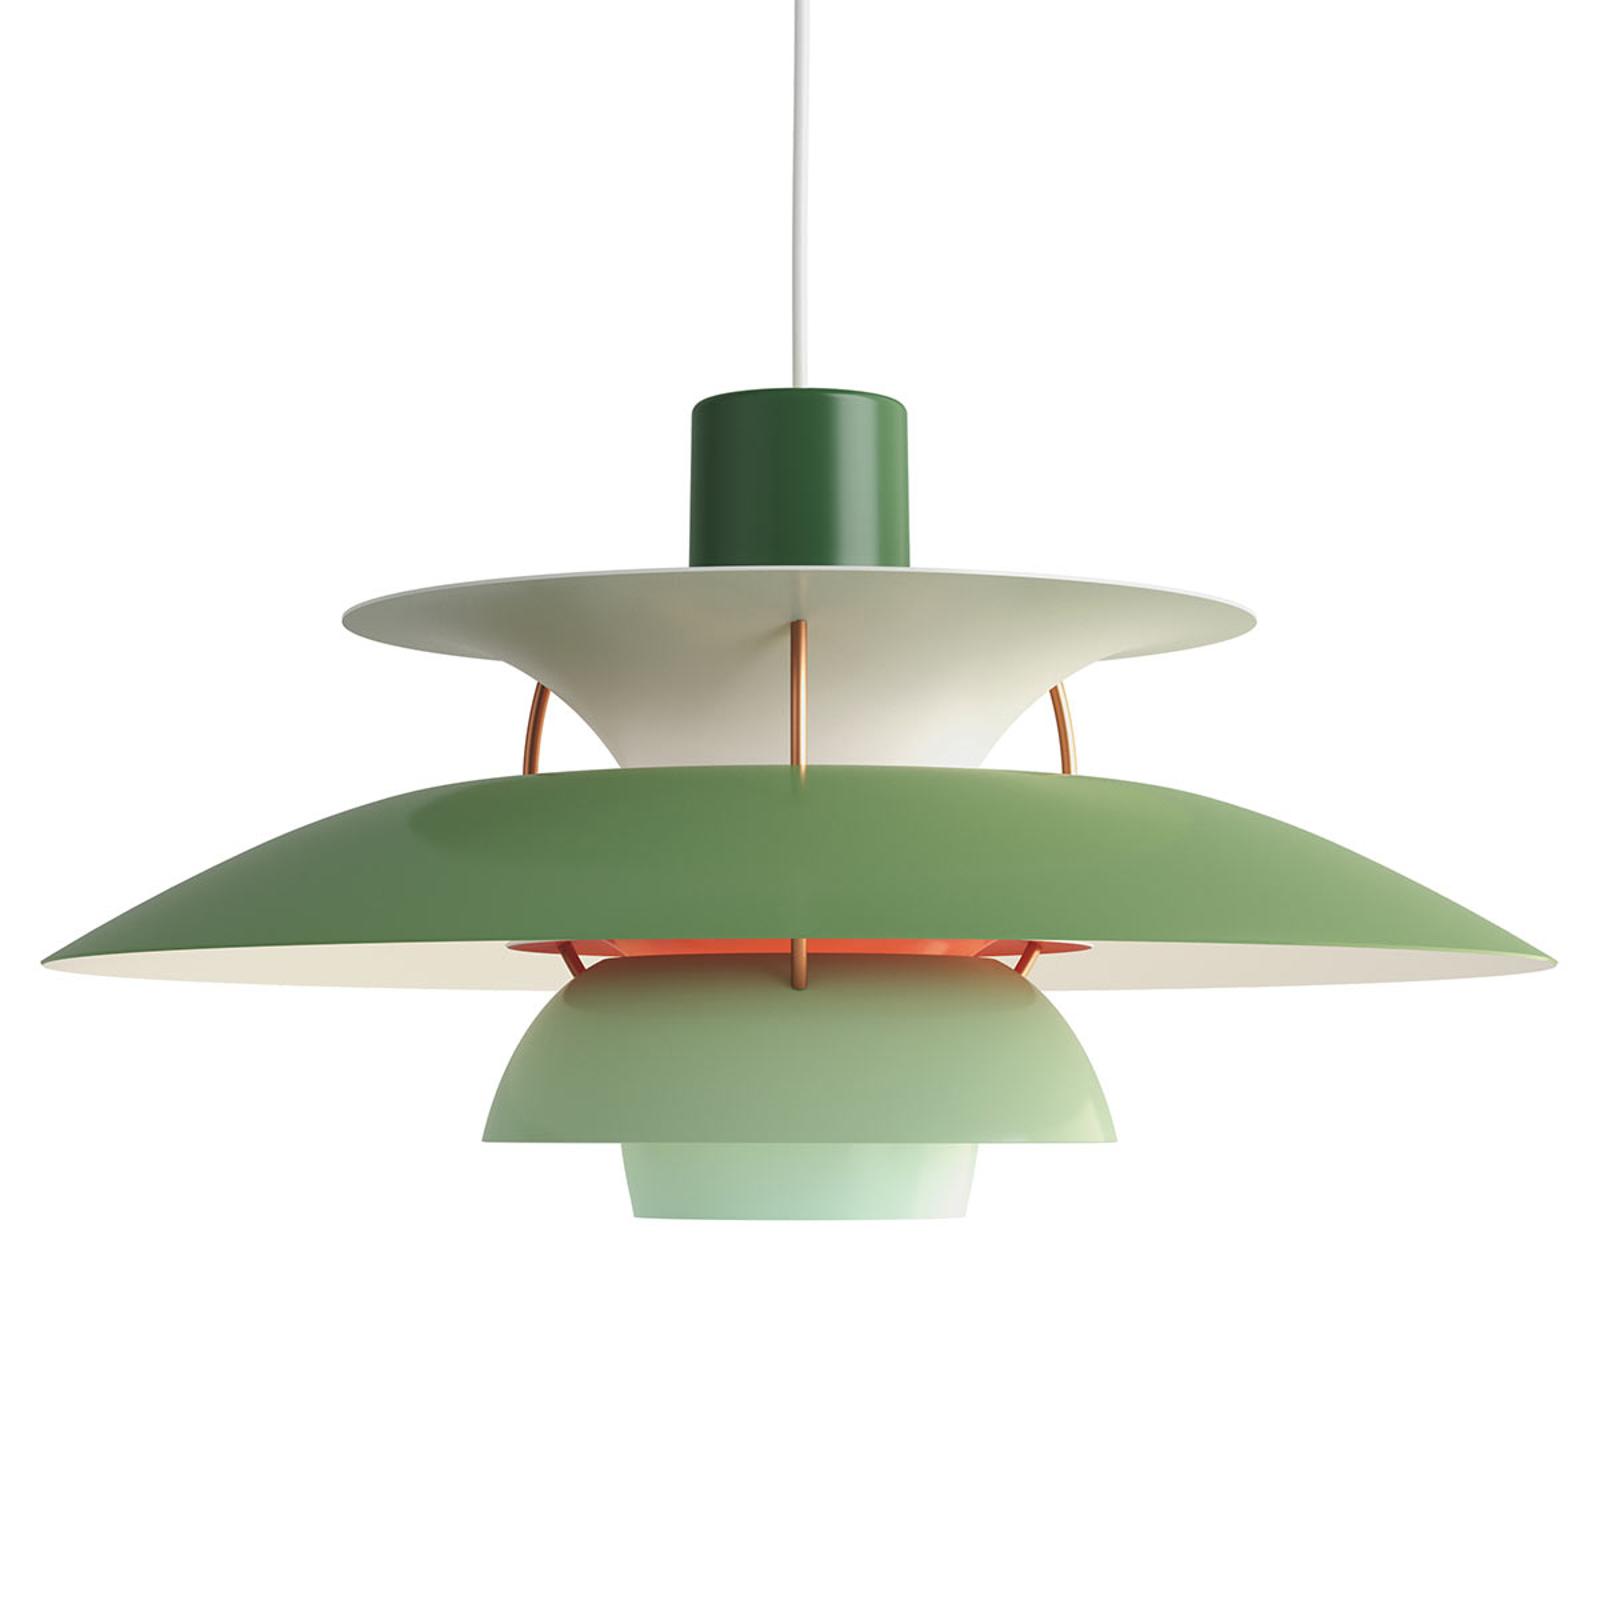 Deense designer hanglamp PH 5, groen